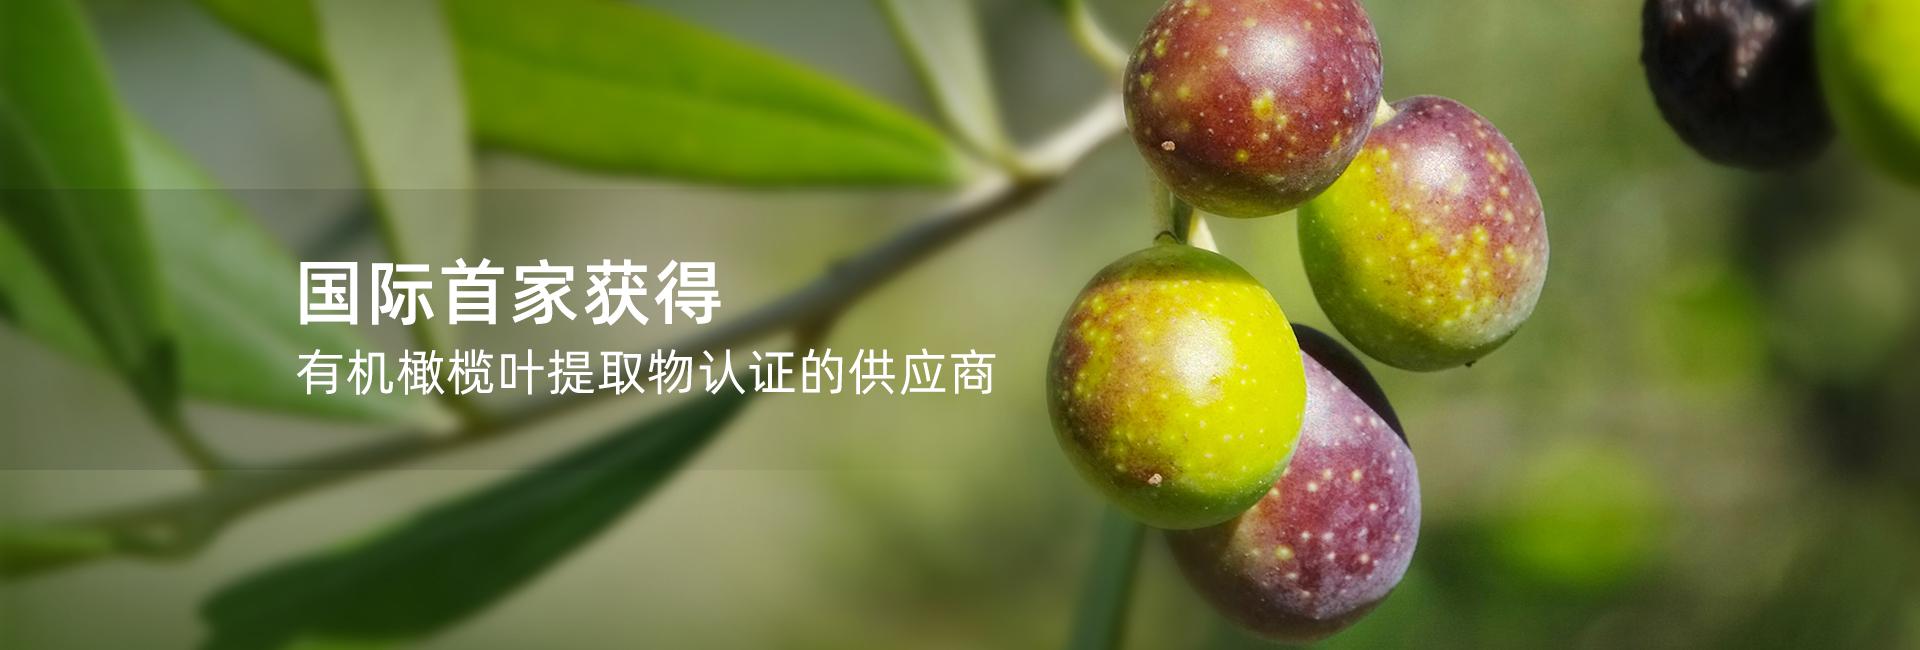 植物提取物之橄榄提取物